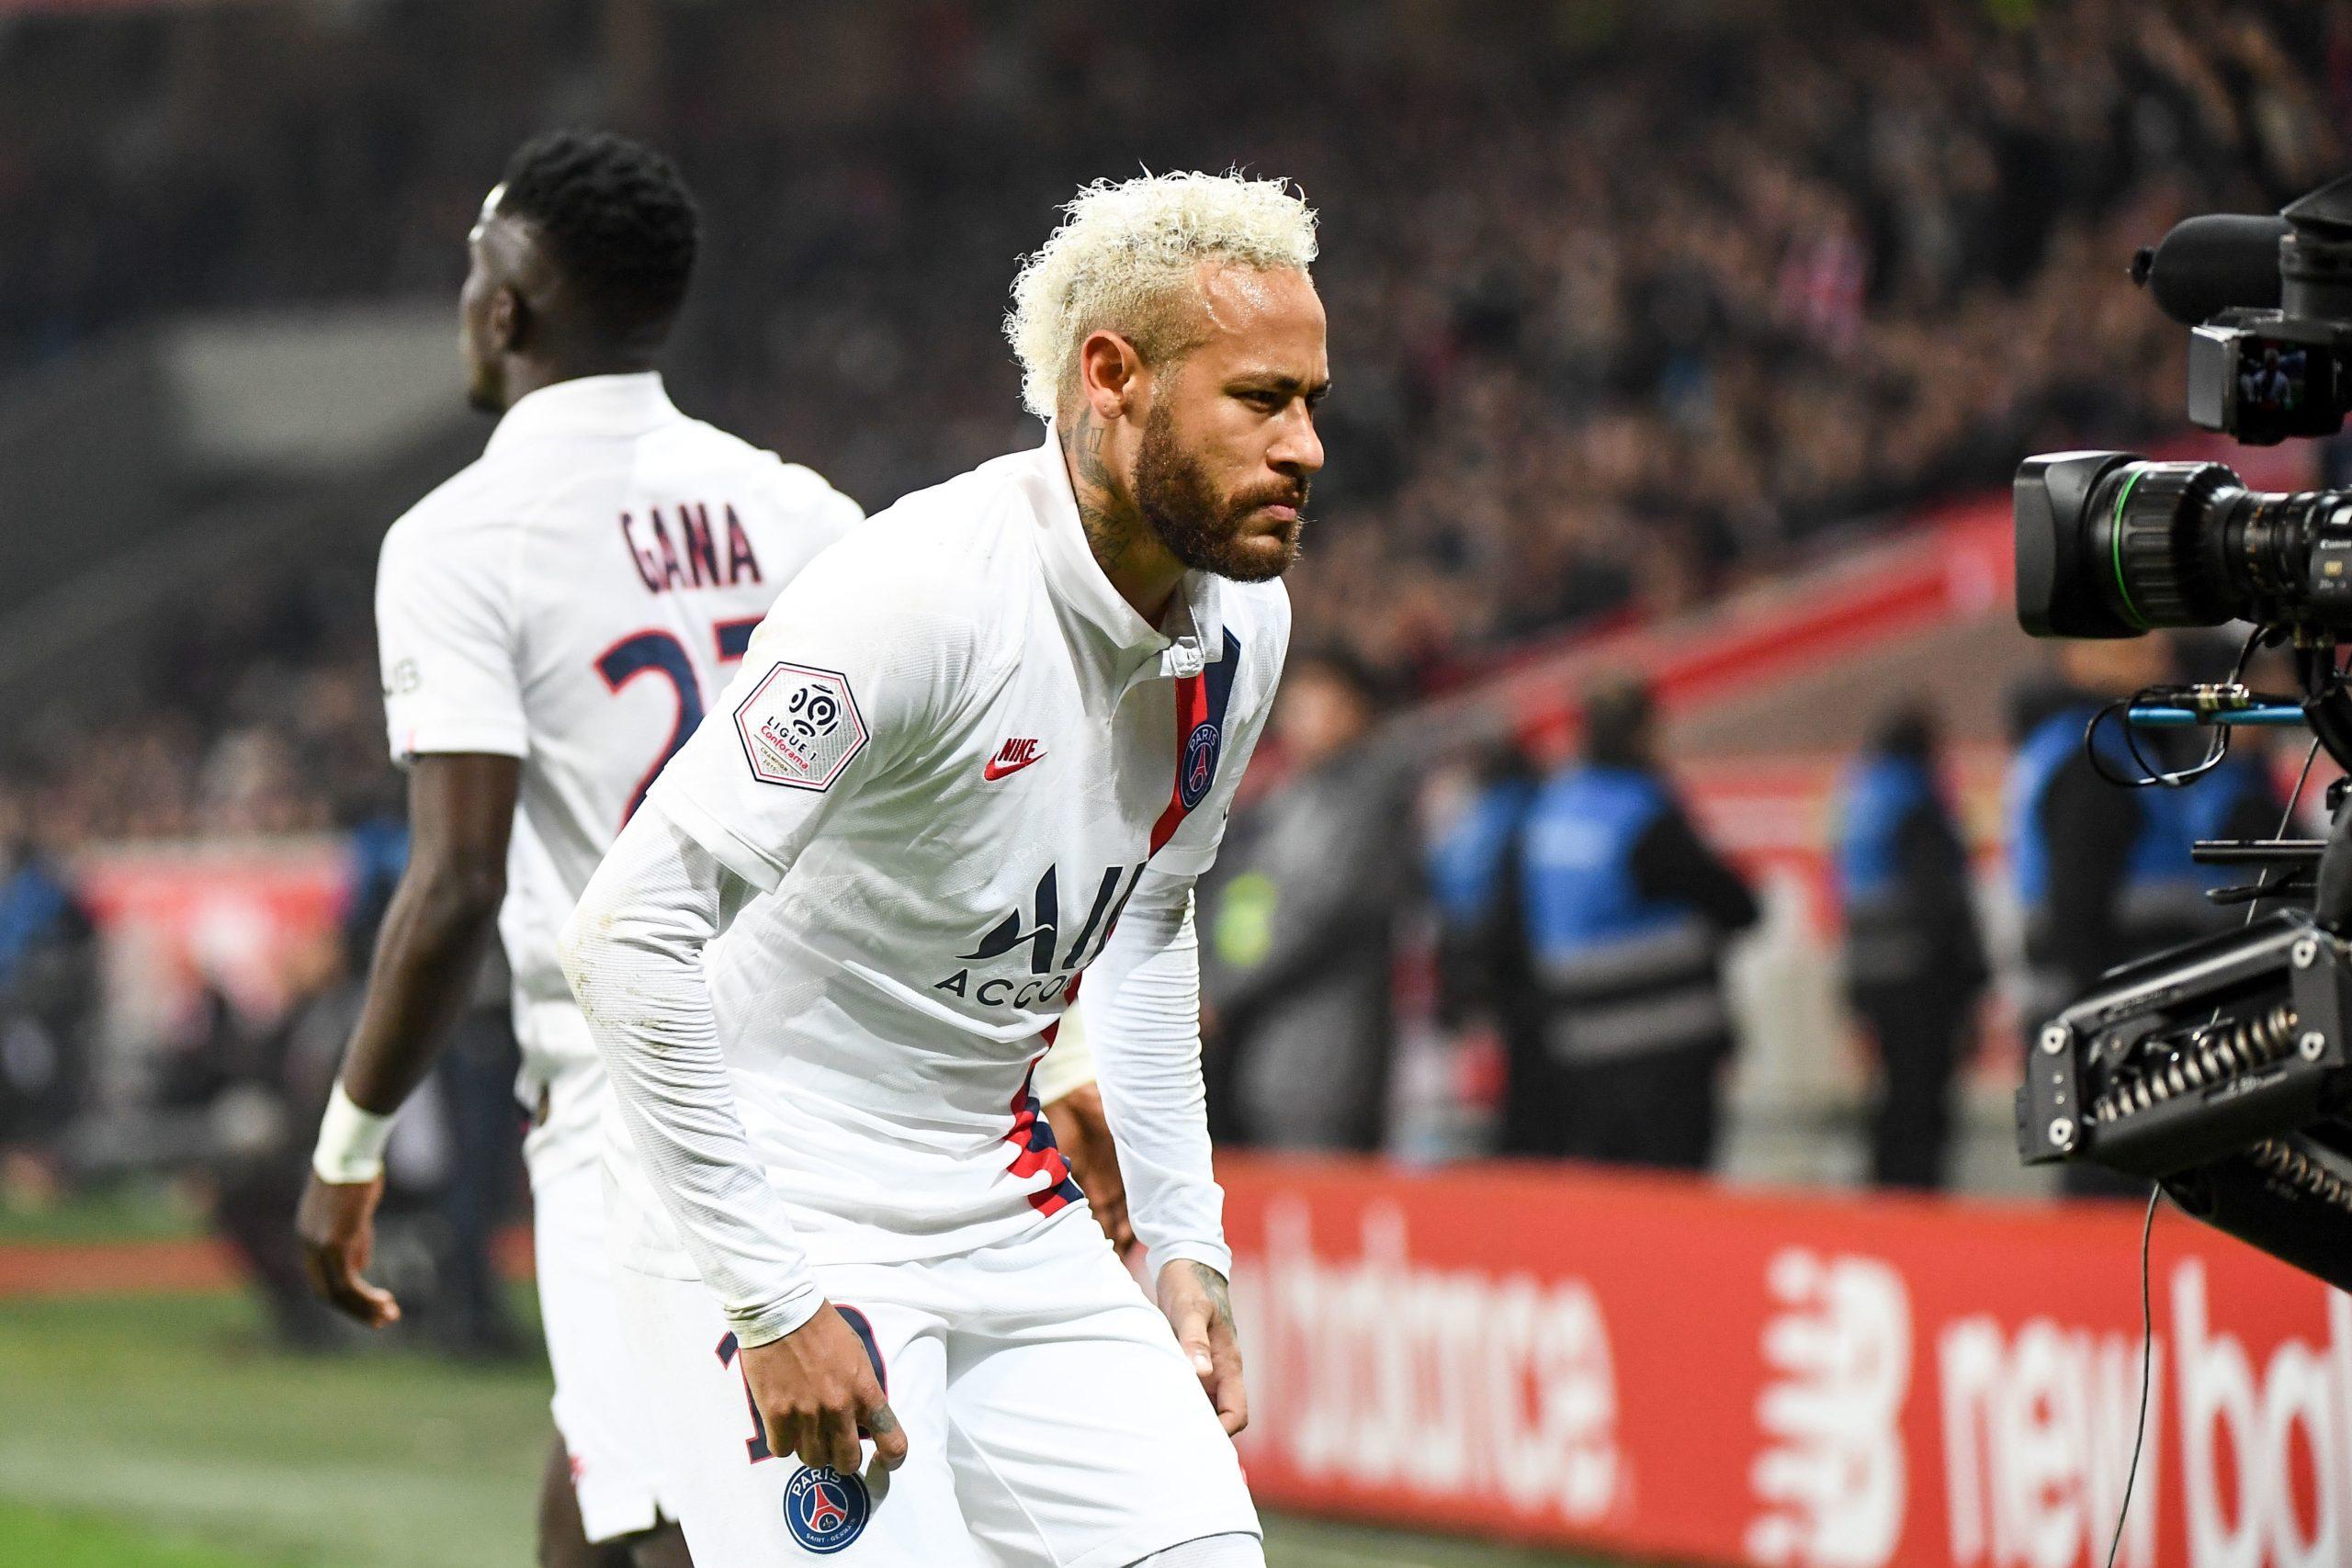 Mercato - Le PSG veut 175 millions d'euros et pas d'échange pour Neymar, selon Sport